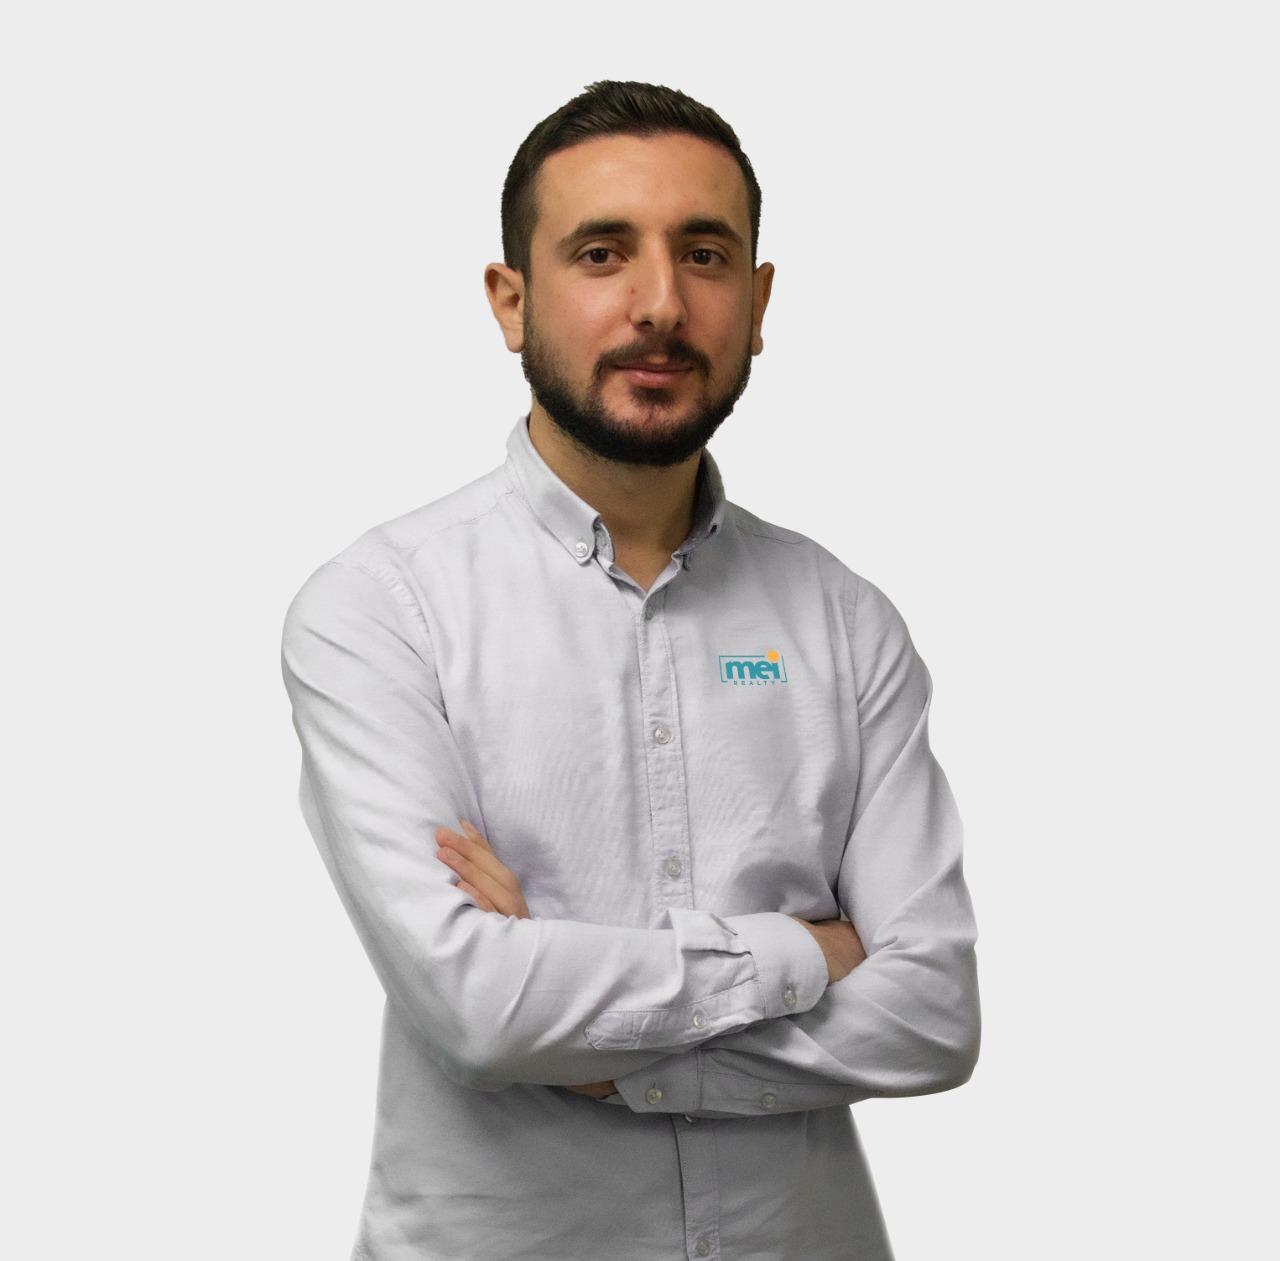 Jusild Kadri